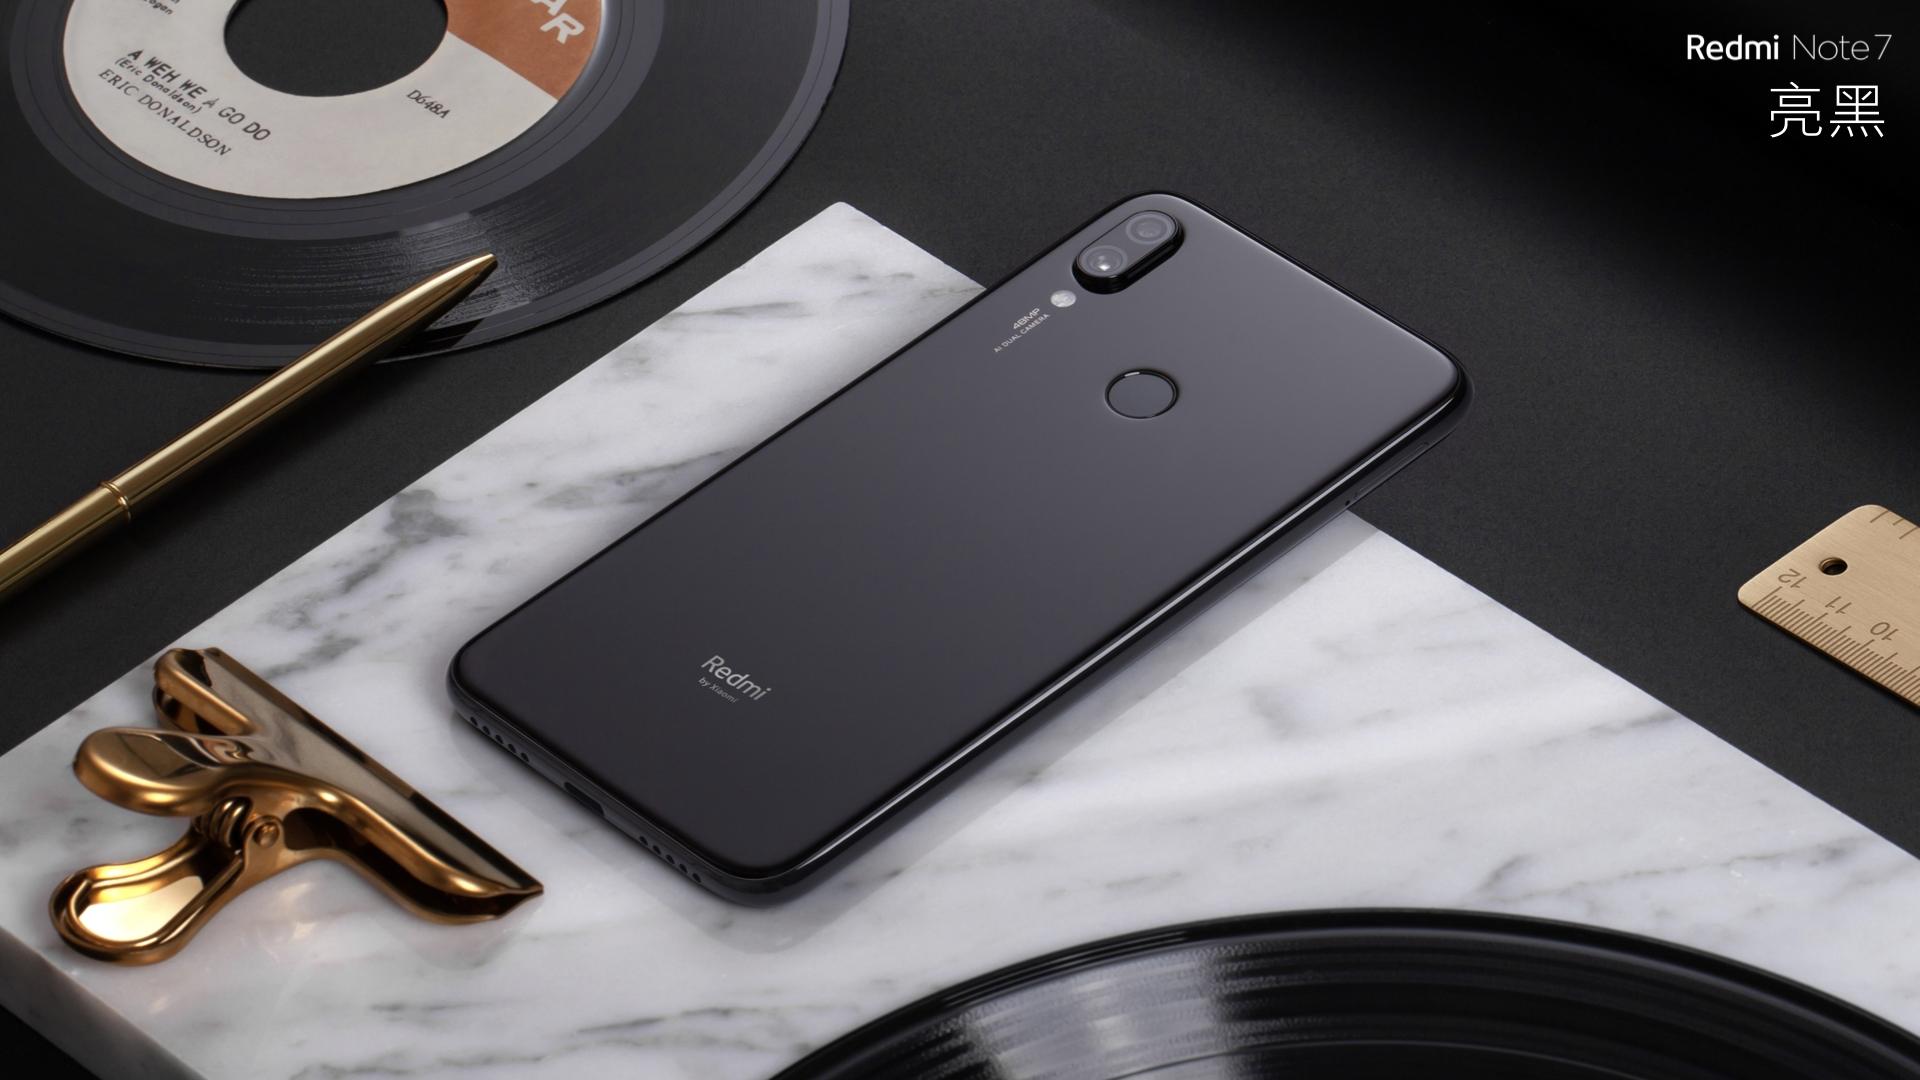 A black Redmi Note 7.